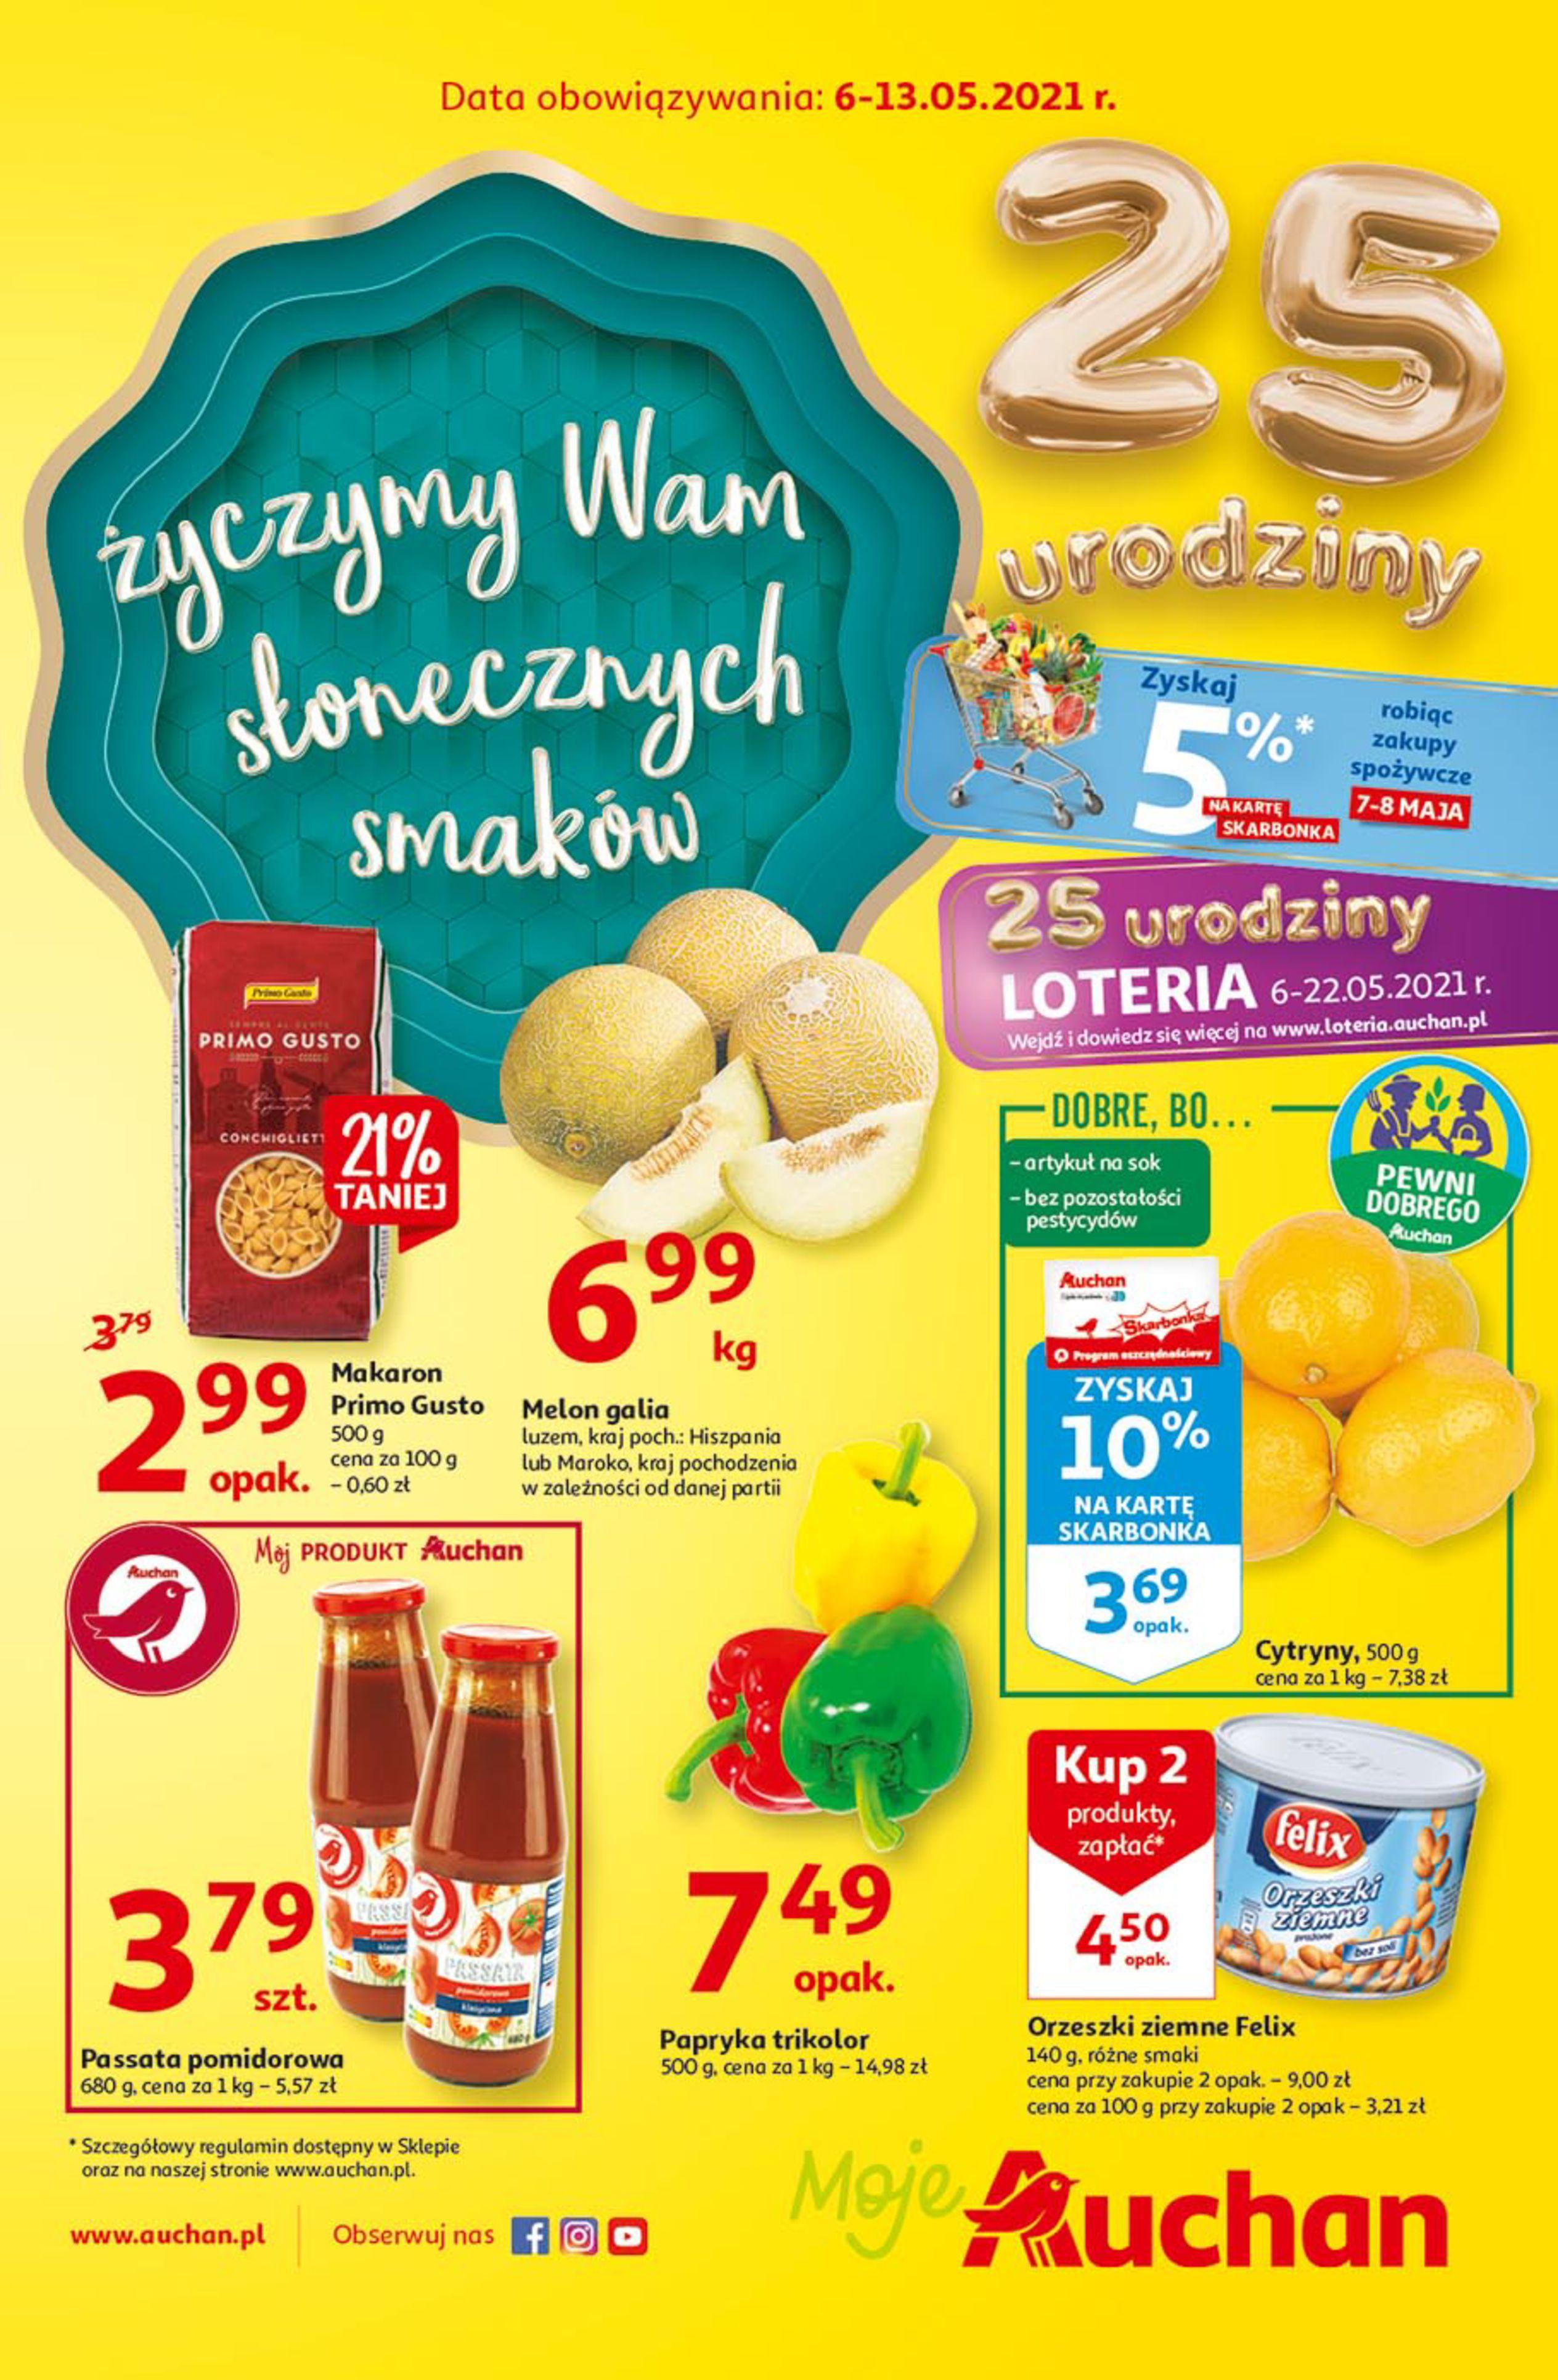 Auchan:  25 Urodziny #3 Moje Auchan 05.05.2021